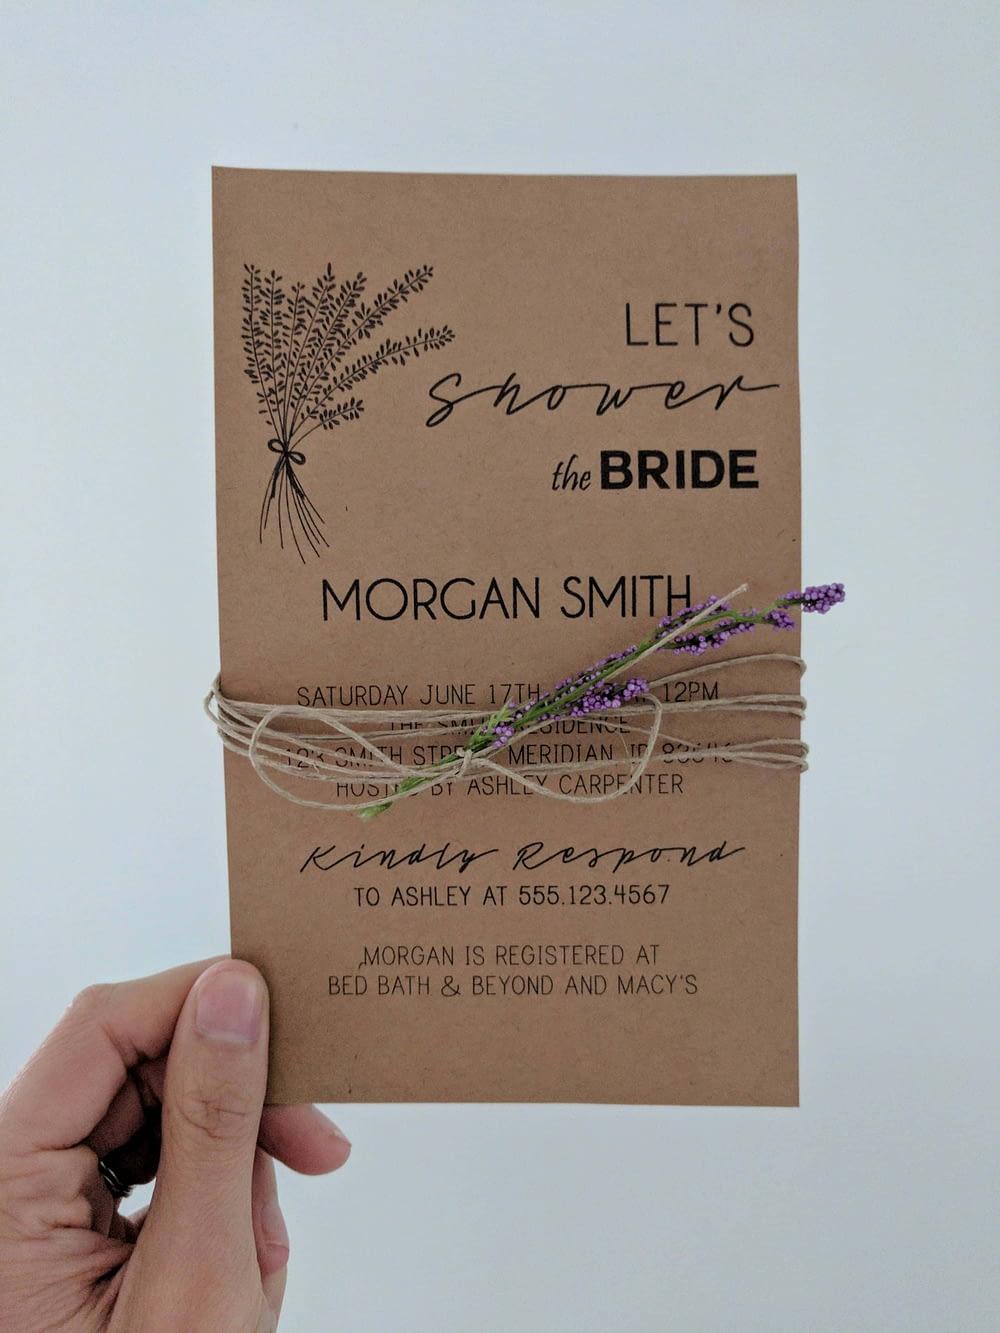 wedding invitation made using Microsoft Publisher